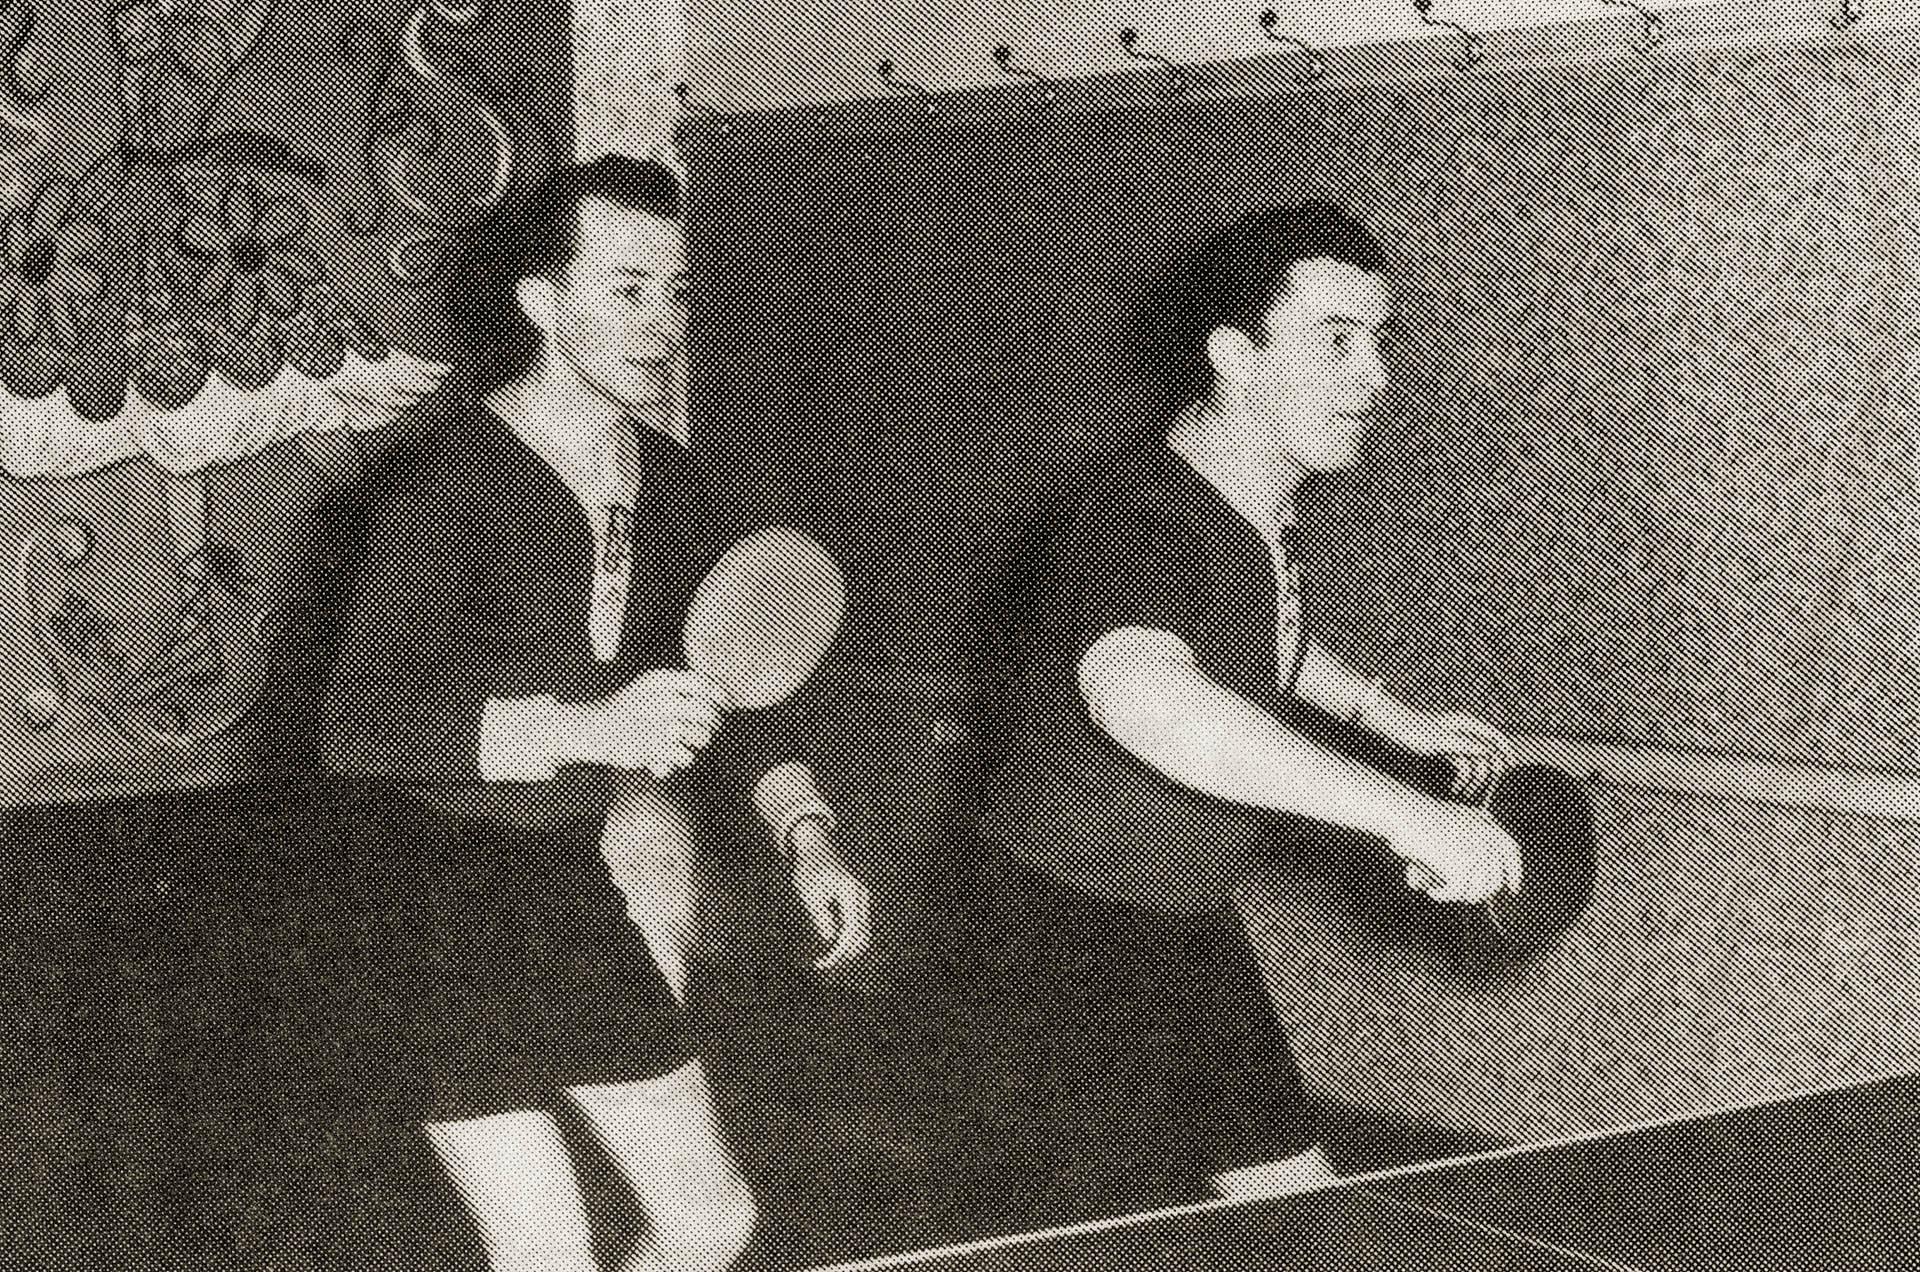 Das Doppel Heinz Hahn / Heini Seitz Anf. der 50er Jahre